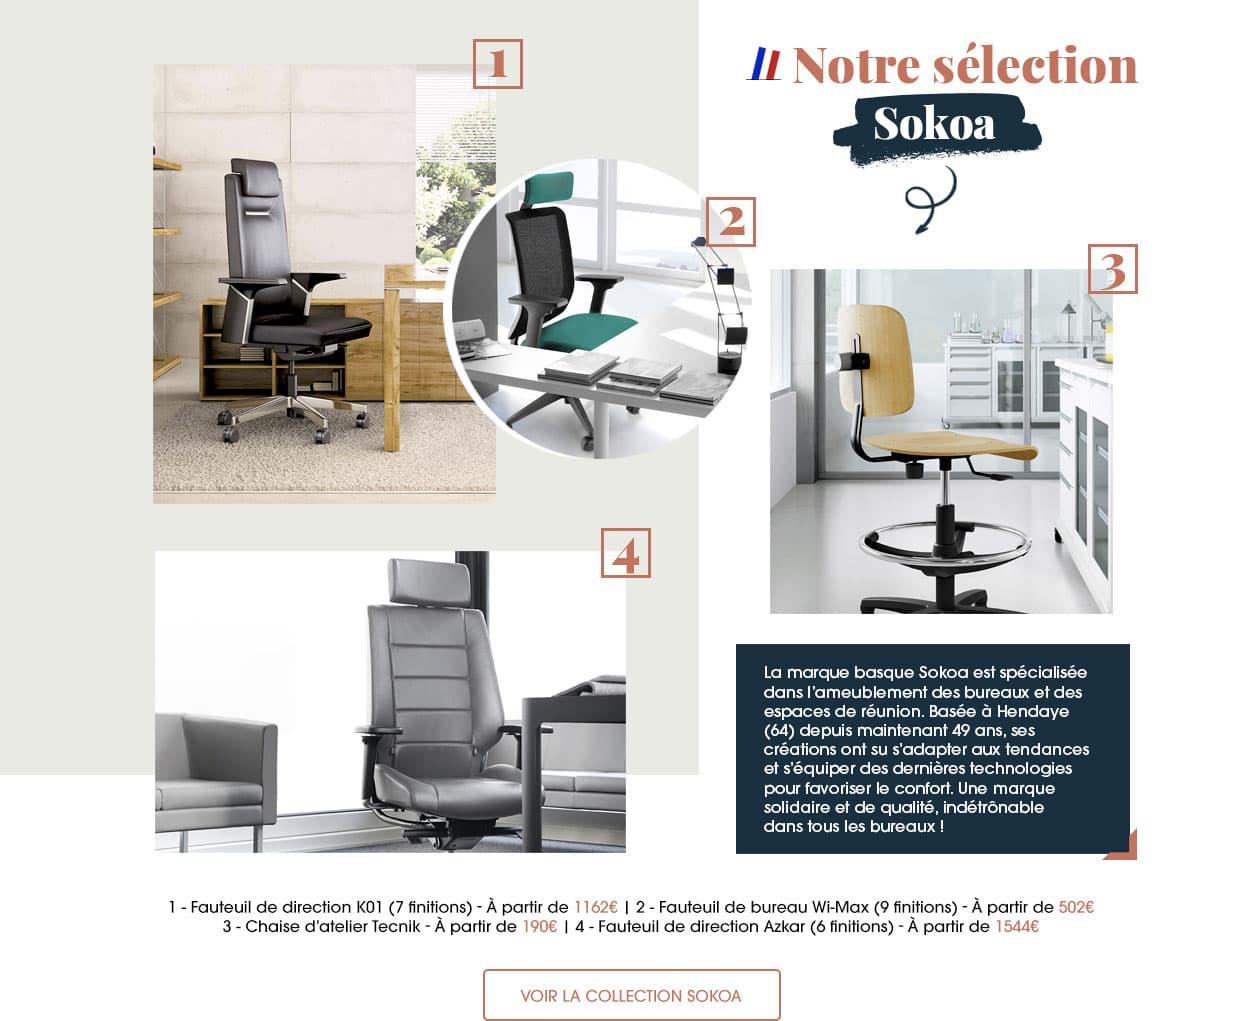 La marque basque Sokoa est spécialisée dans l'ameublement des bureaux et des espaces de réunion.